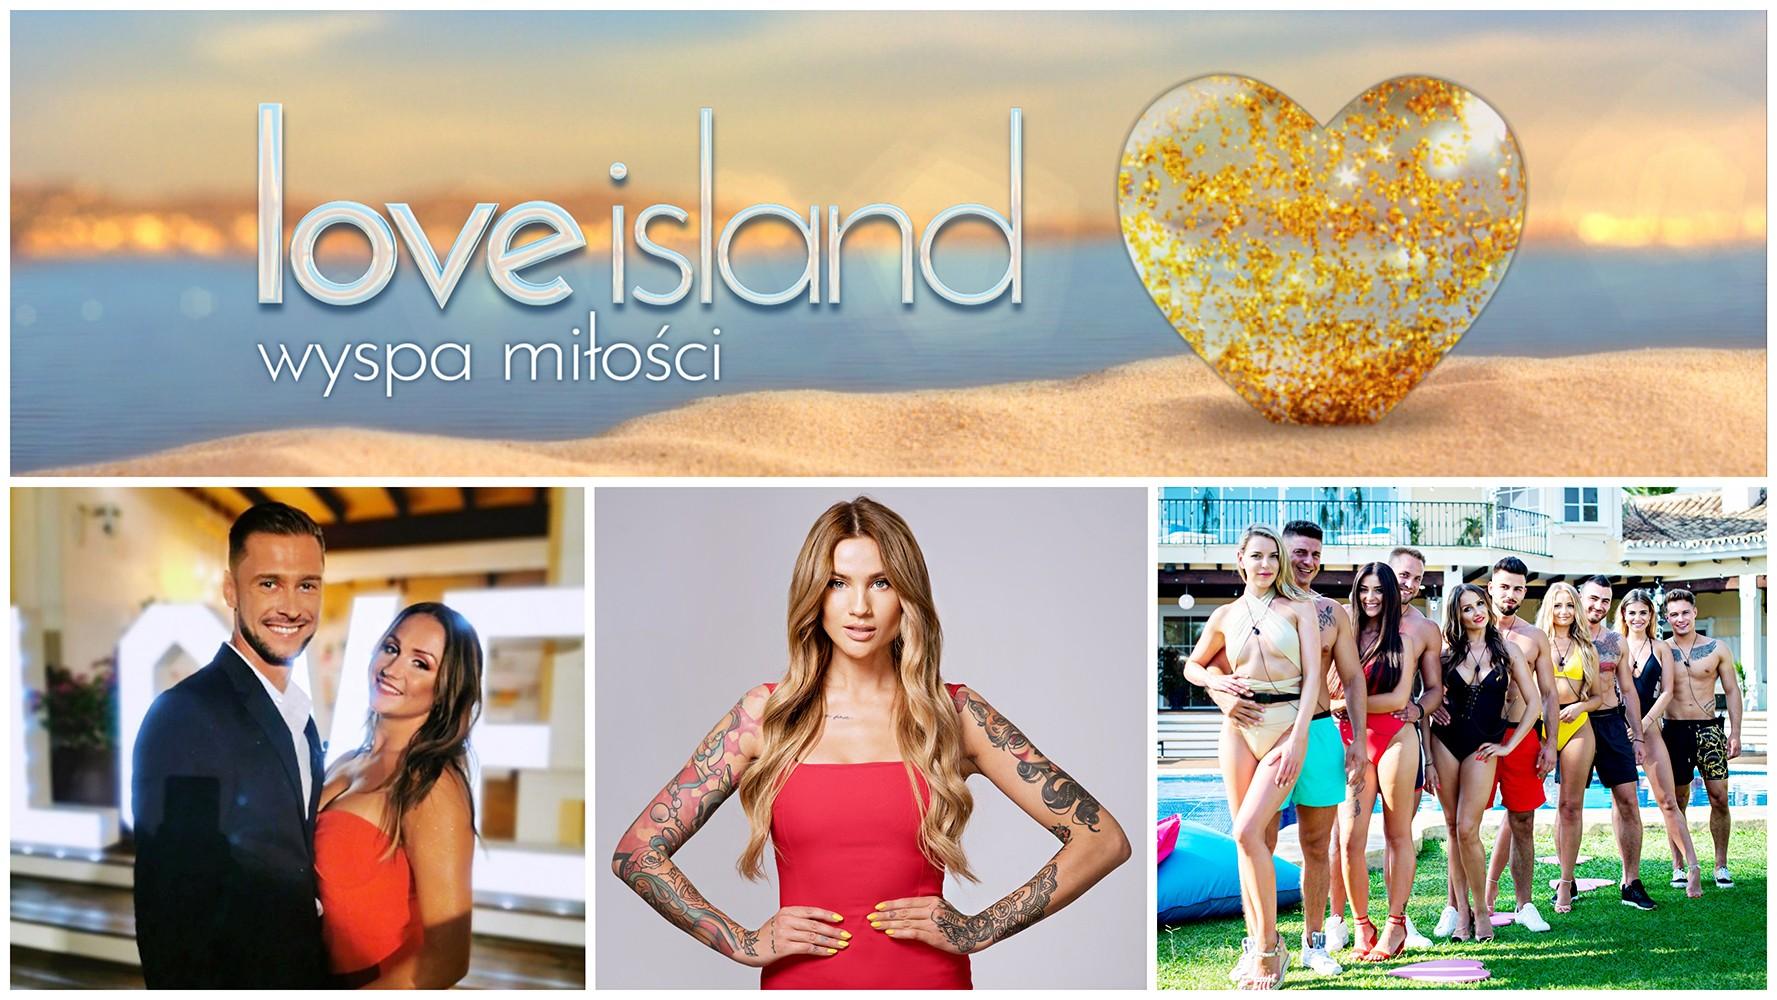 Love Island. Wyspa miłości: Zgłoś się do drugiej edycji - Polsat.pl